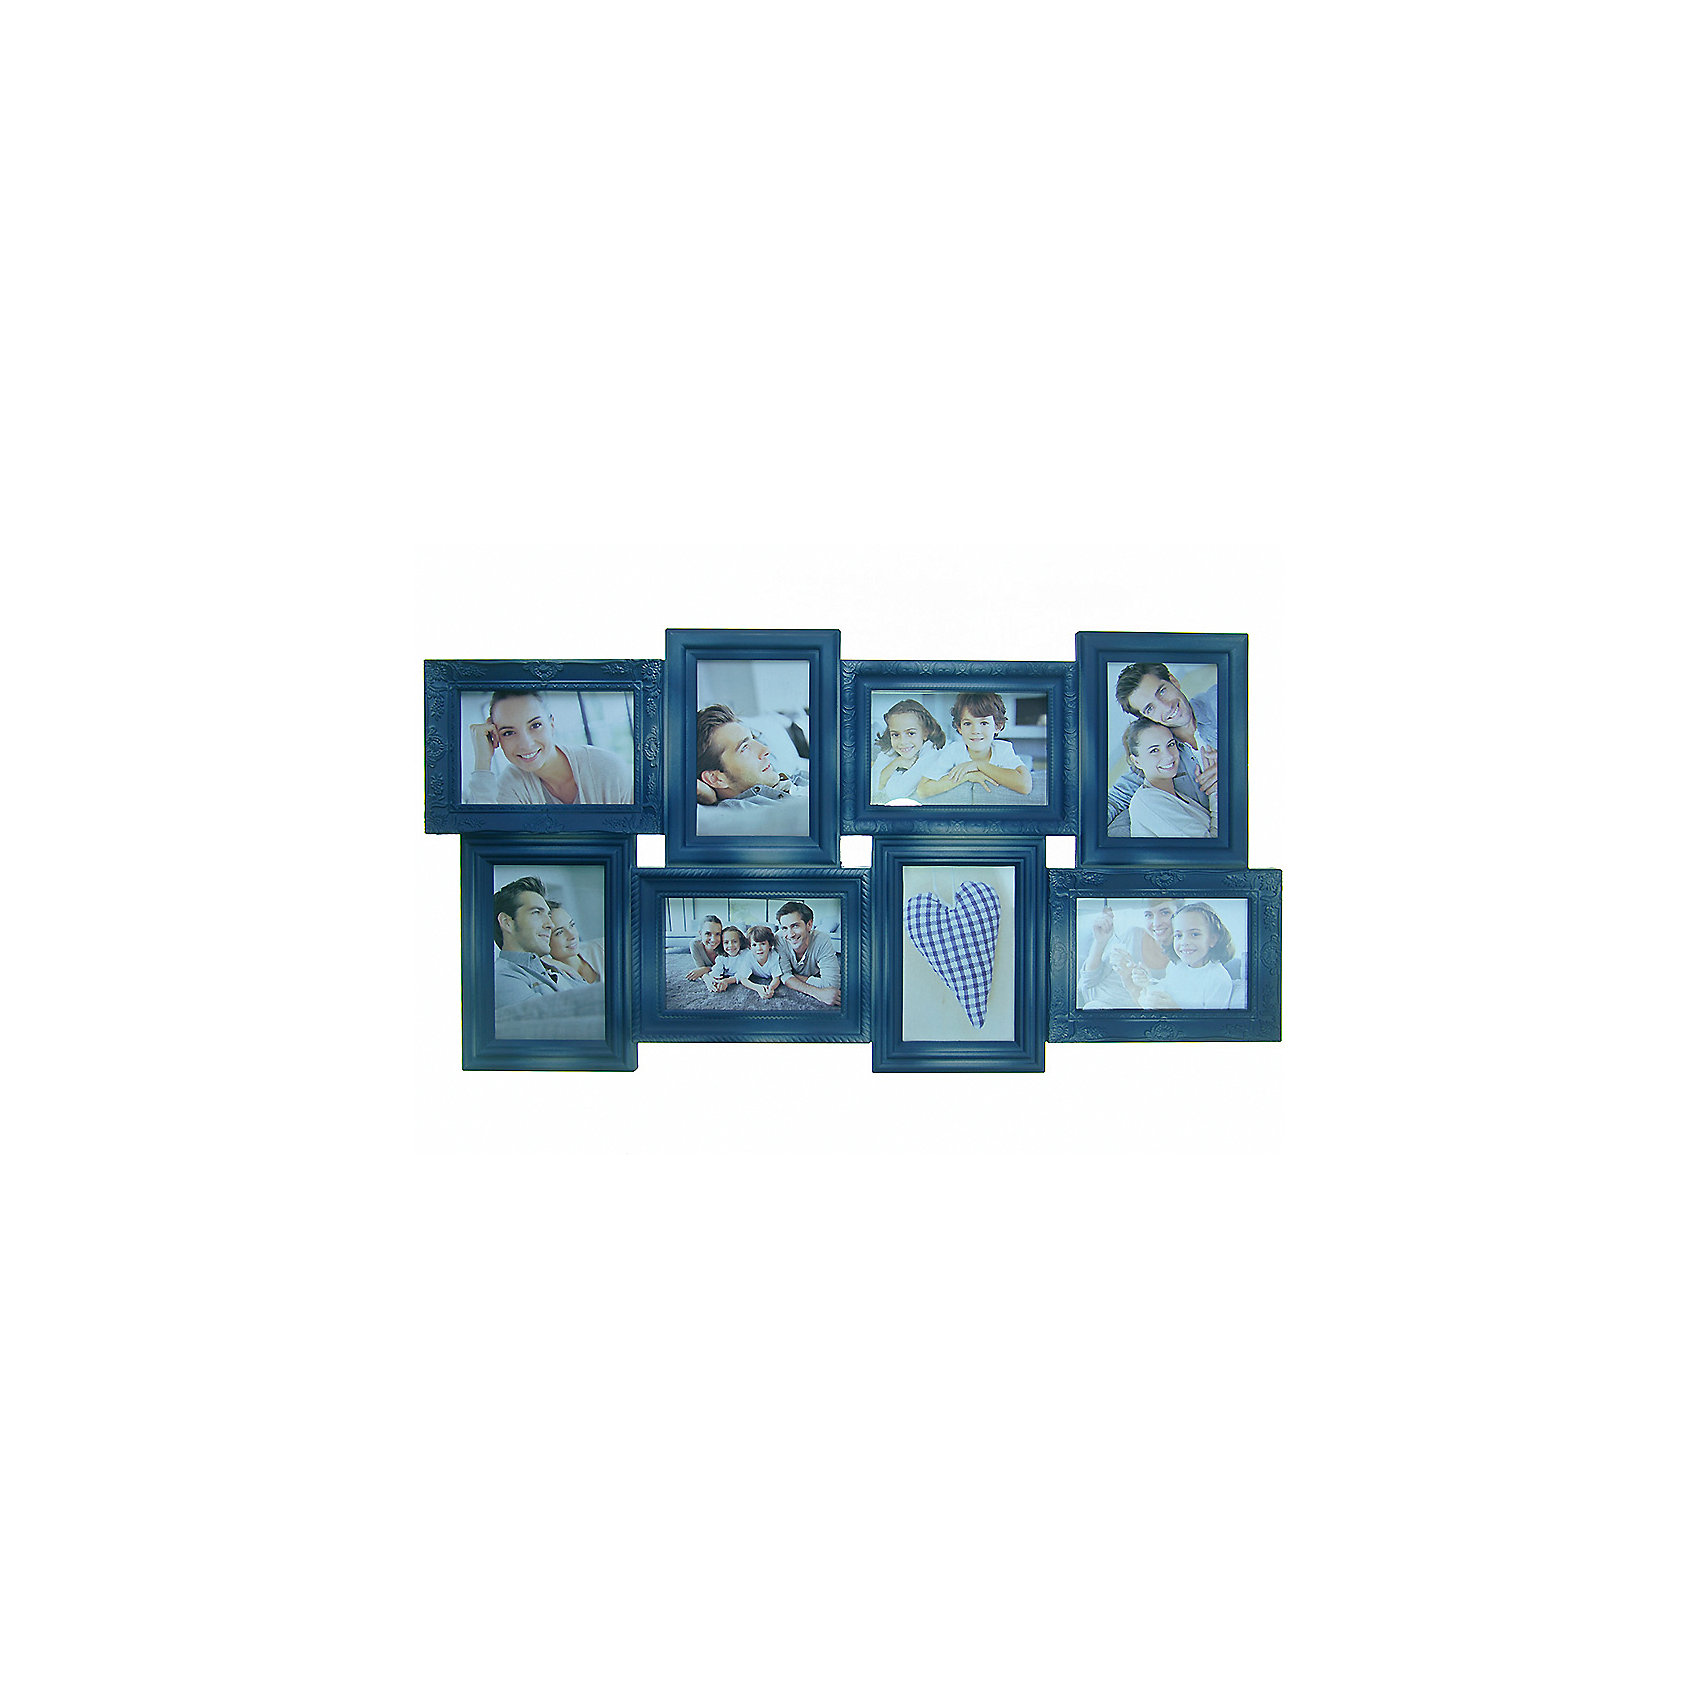 Фоторамка Platinum пластик, цвет синий джинс с патиной под старину, Яркий праздникПредметы интерьера<br>Фоторамка Platinum пластик, цвет синий джинс с патиной под старину, Яркий праздник<br><br>Характеристики:<br><br>• Состав: пластик<br>• Размер: 69 * 3 * 36 см.<br>• Размер фотографий: 10 * 15 см.<br>• Страна производитель: Китай<br><br>Изящная подвесная фоторамка включает в себя целых восемь рамок от компании, специализирующейся на производстве фоторамок для интерьеров Platinum (Платинум), и оживит сразу несколько воспоминаний! Фоторамки станут стильным украшением комнаты, а красивый темно-синий джинсовый цвет, отделанный под старину отлично подойдет как для спальни, так и для кухни или гостиной. <br><br>Фоторамки отделаны рельефным дизайном, расположены структурированно и отлично подойдут для серии горизонтальных и вертикальных тематических снимков. Размер каждой рамки 10 * 15 см, это стандартный размер фото, поэтому для этой фоторамки вам не потребуется перепечатывать уже имеющиеся фото. Фоторамка станет превосходным подарком для любого важного события от годовщины до новоселья. Привнесите в дом атмосферу комфорта и яркого праздника вместе с новой фоторамкой!<br><br>Фоторамку Platinum пластик, цвет синий джинс с патиной под старину, Яркий праздник можно купить в нашем интернет-магазине.<br><br>Ширина мм: 690<br>Глубина мм: 48<br>Высота мм: 360<br>Вес г: 485<br>Возраст от месяцев: 36<br>Возраст до месяцев: 2147483647<br>Пол: Унисекс<br>Возраст: Детский<br>SKU: 5453997